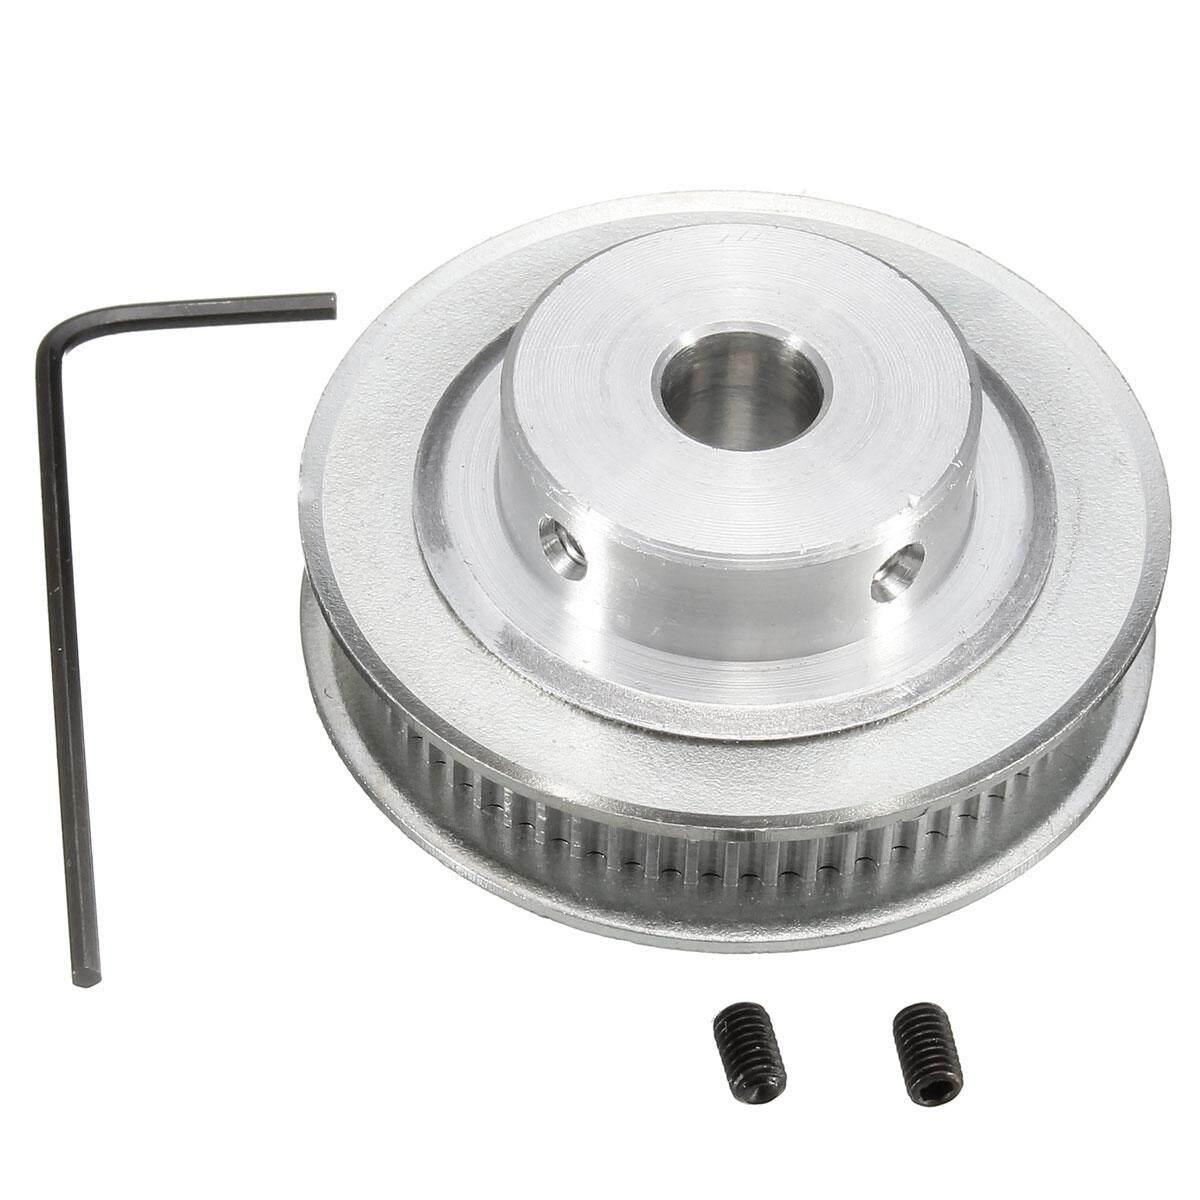 Gt2 Kerekan Ikat Pinggang Waktu Aluminium-8 Mm Bor-60 Gigi-Reprap 3d Printer Cnc By Audew.